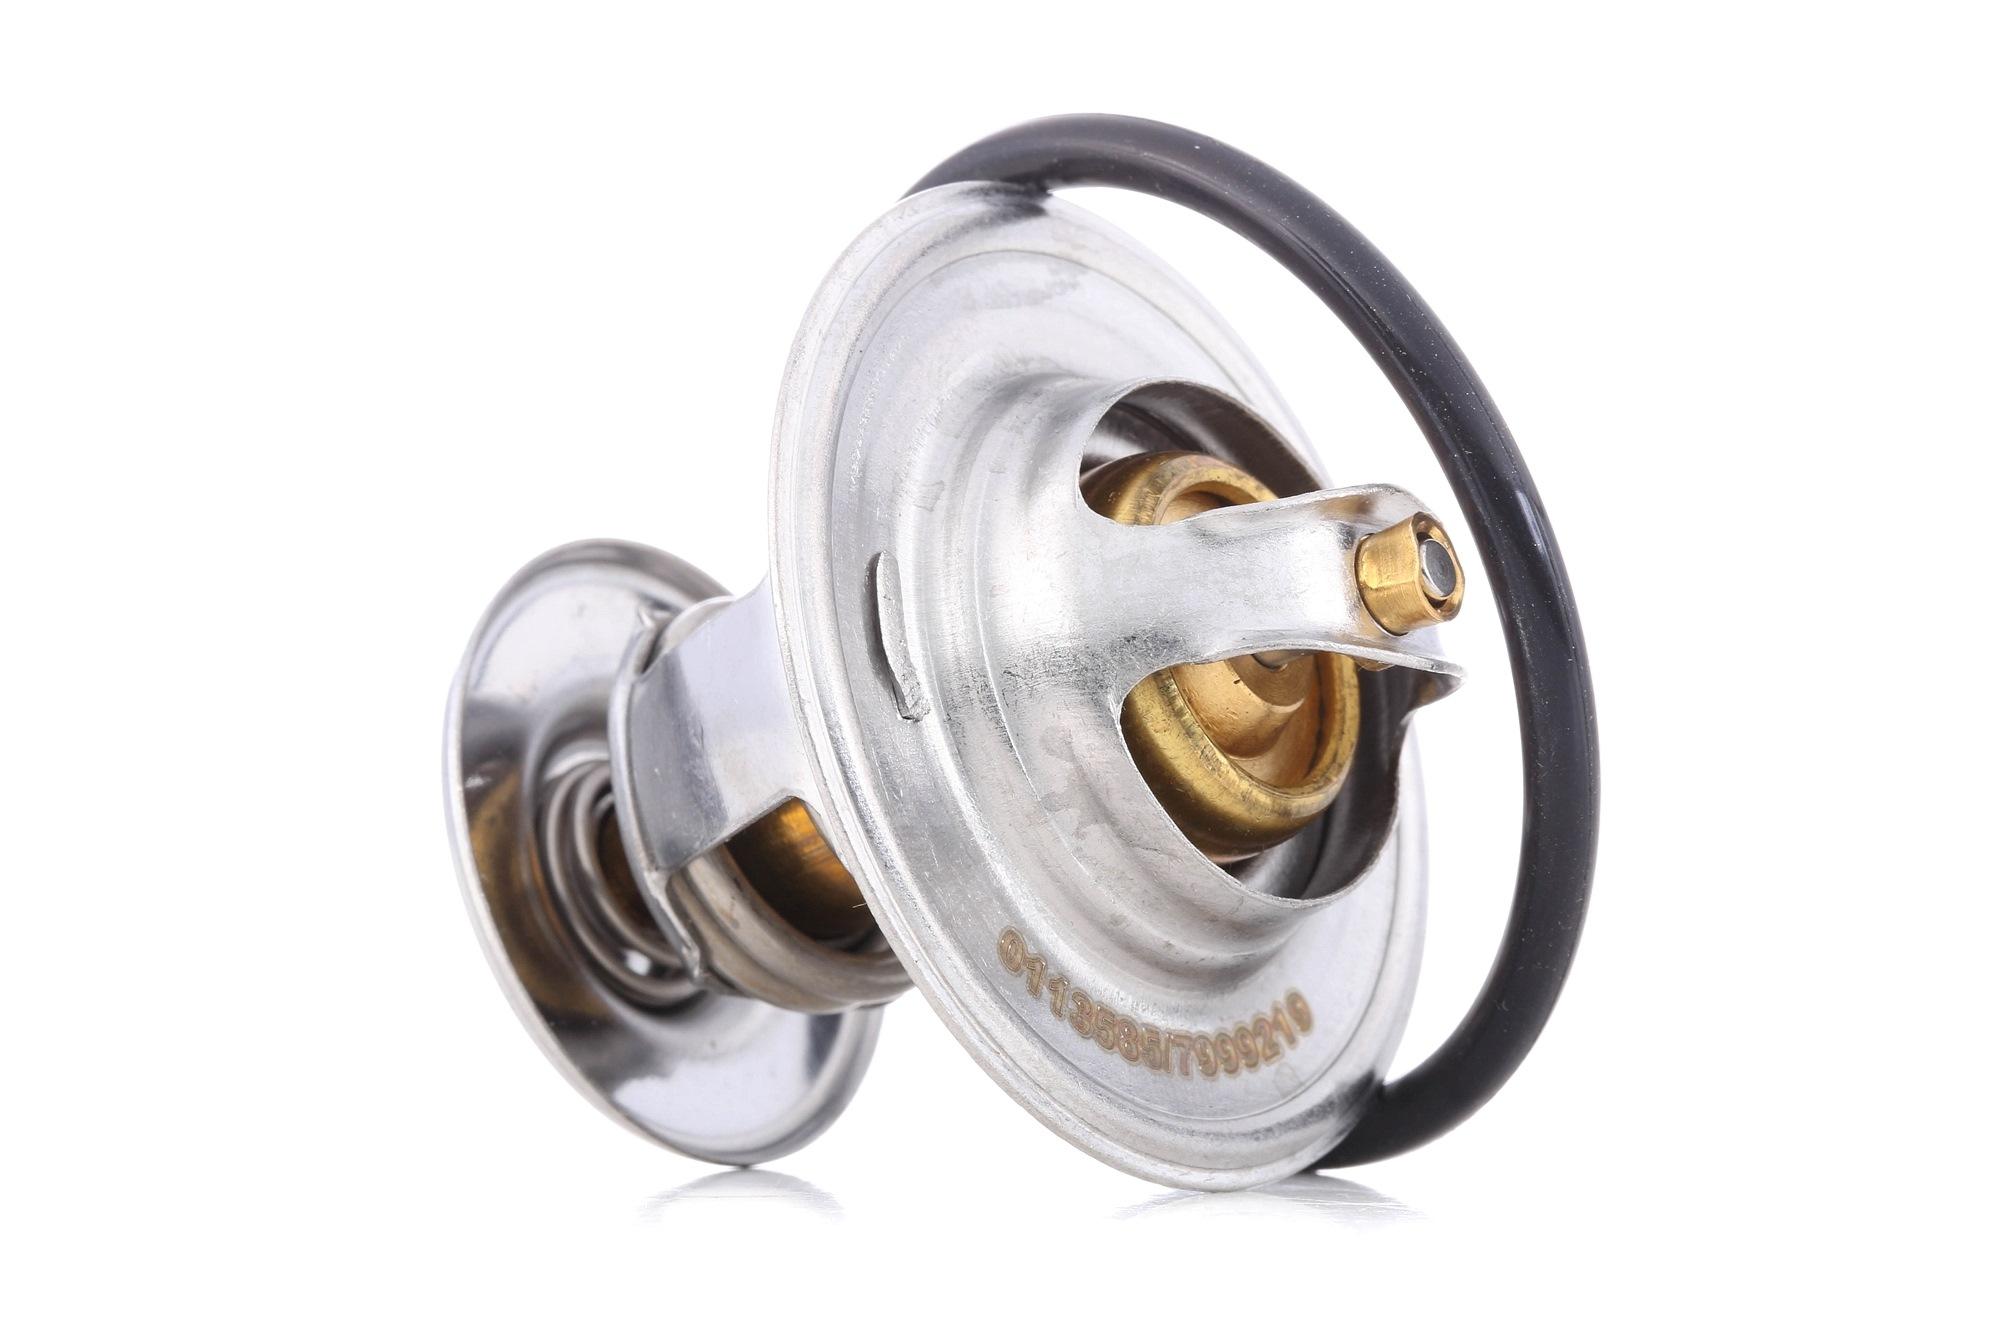 SKTC-0560081 STARK Öffnungstemperatur: 80°C, mit Dichtung D1: 53,9mm Thermostat, Kühlmittel SKTC-0560081 günstig kaufen